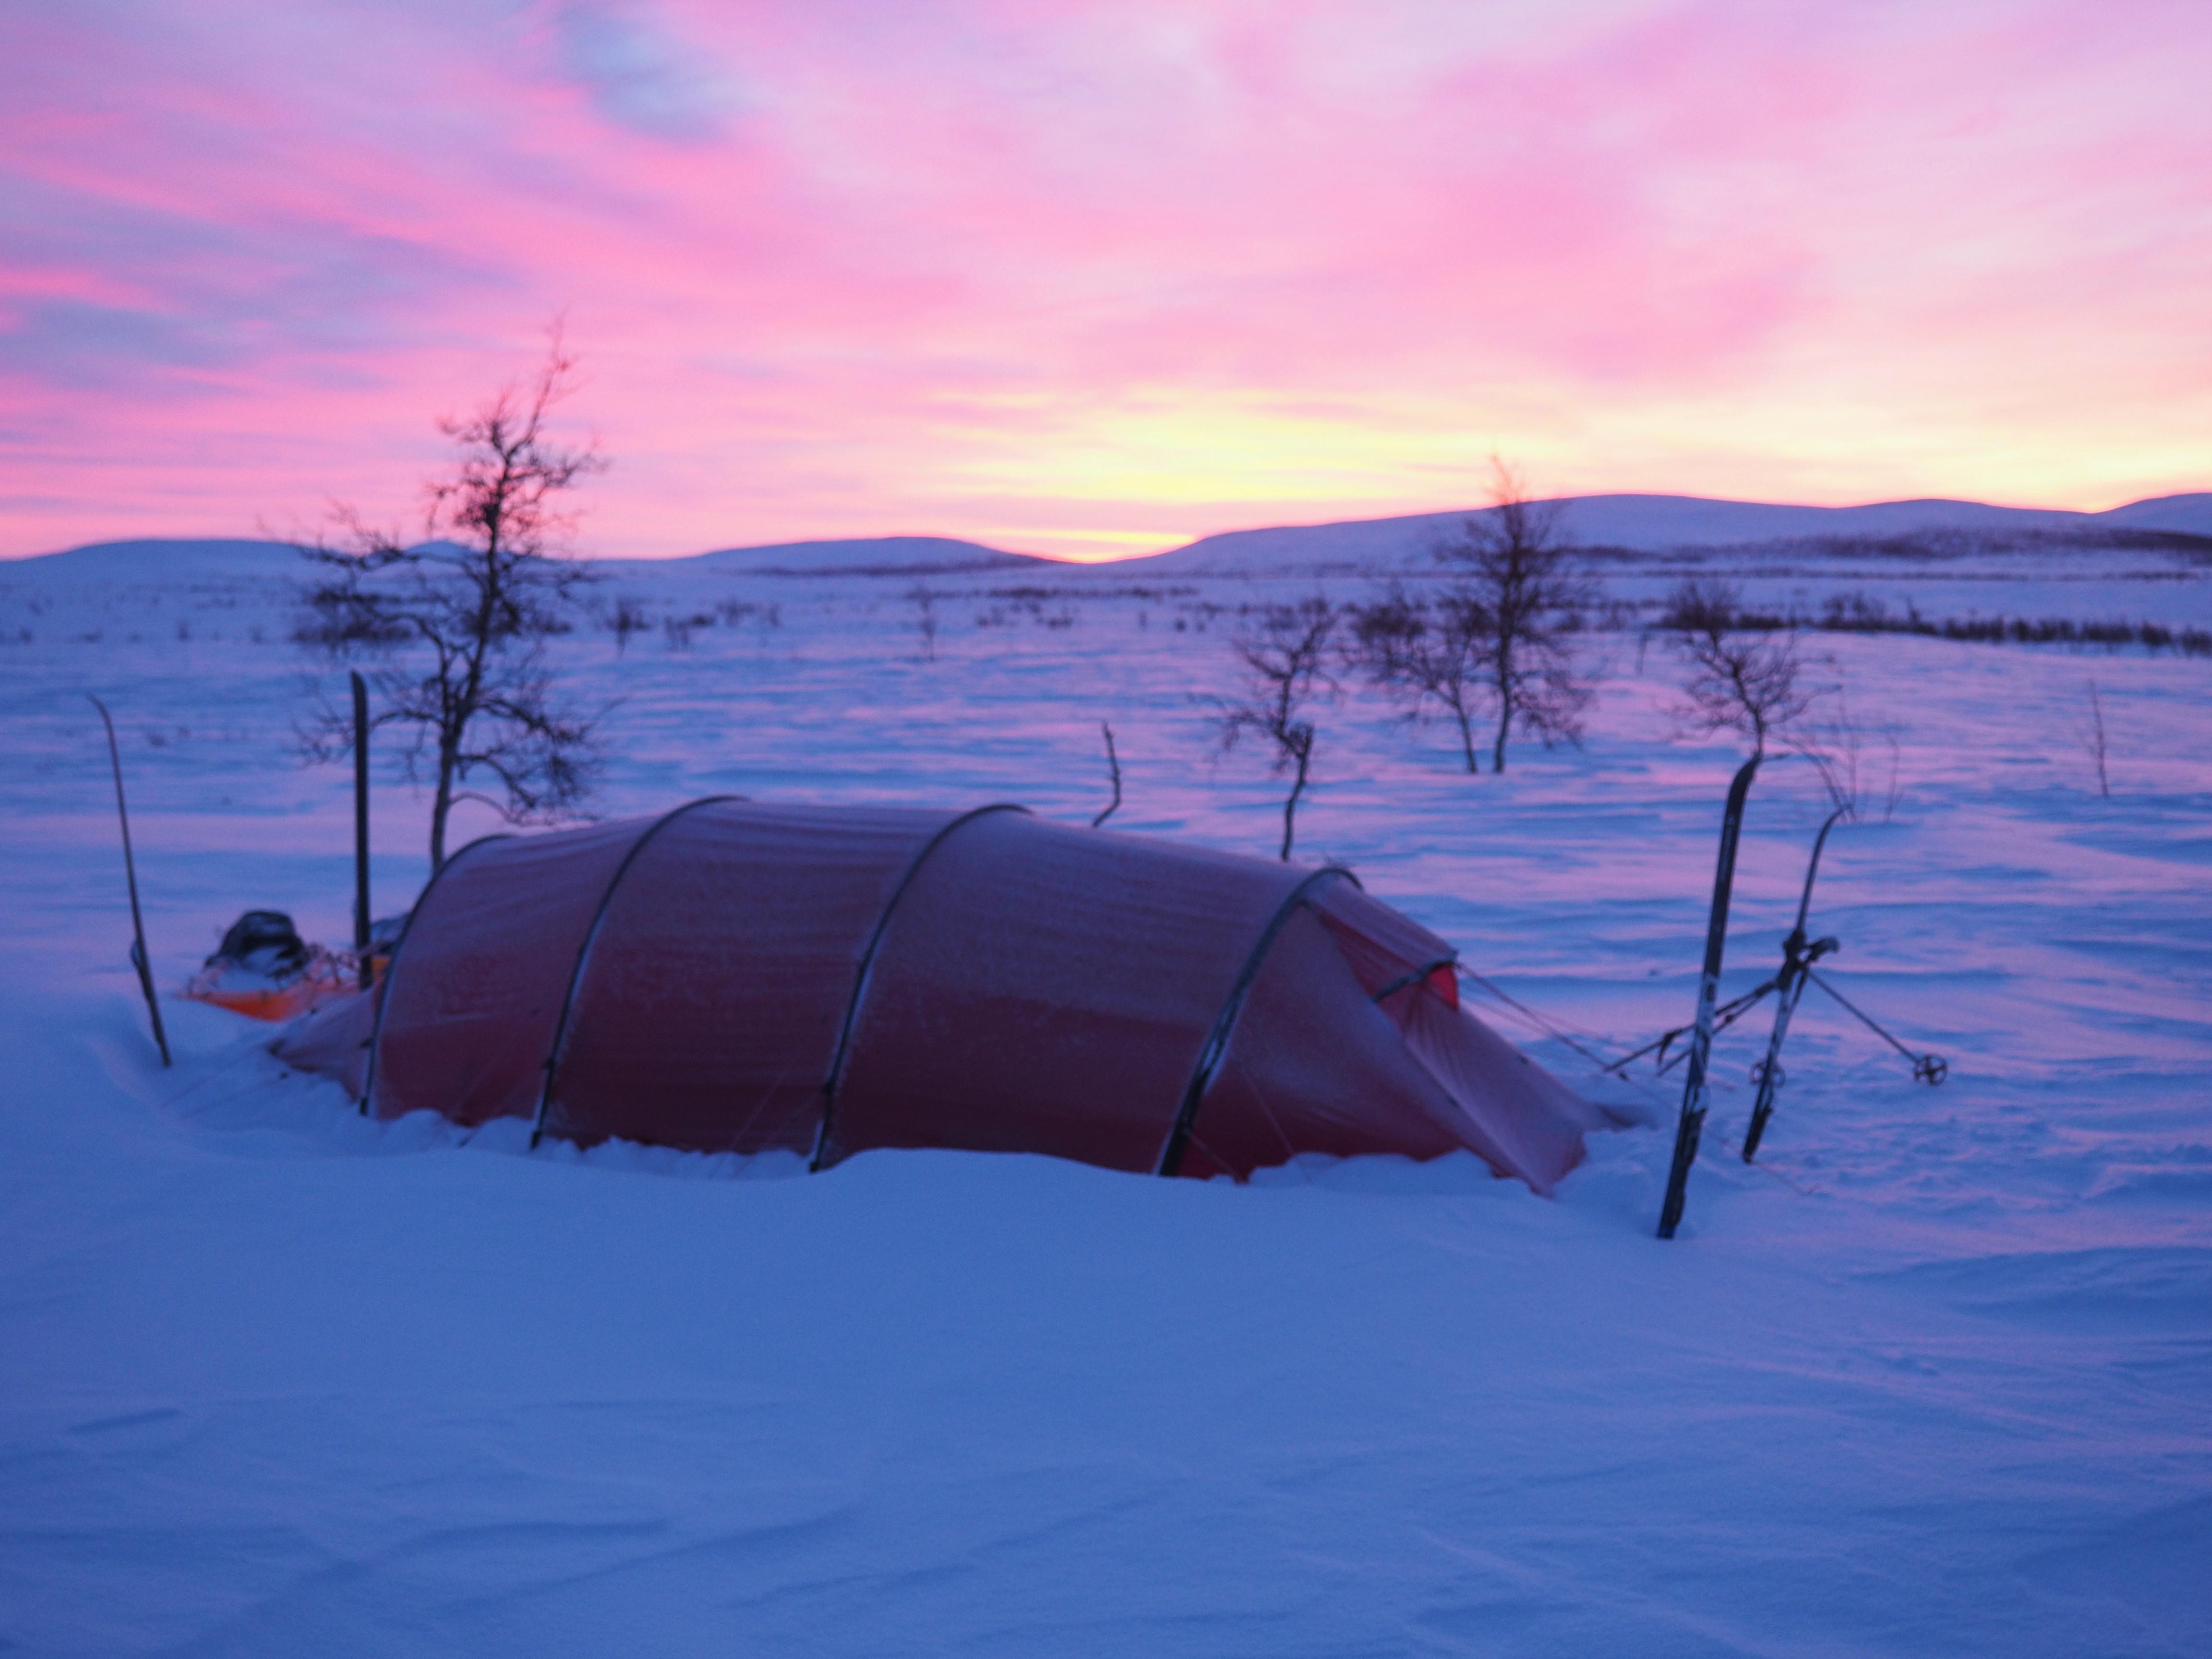 Vinterfjeld: 16 dage fra Abisko til Kautokeino med telt og pulk